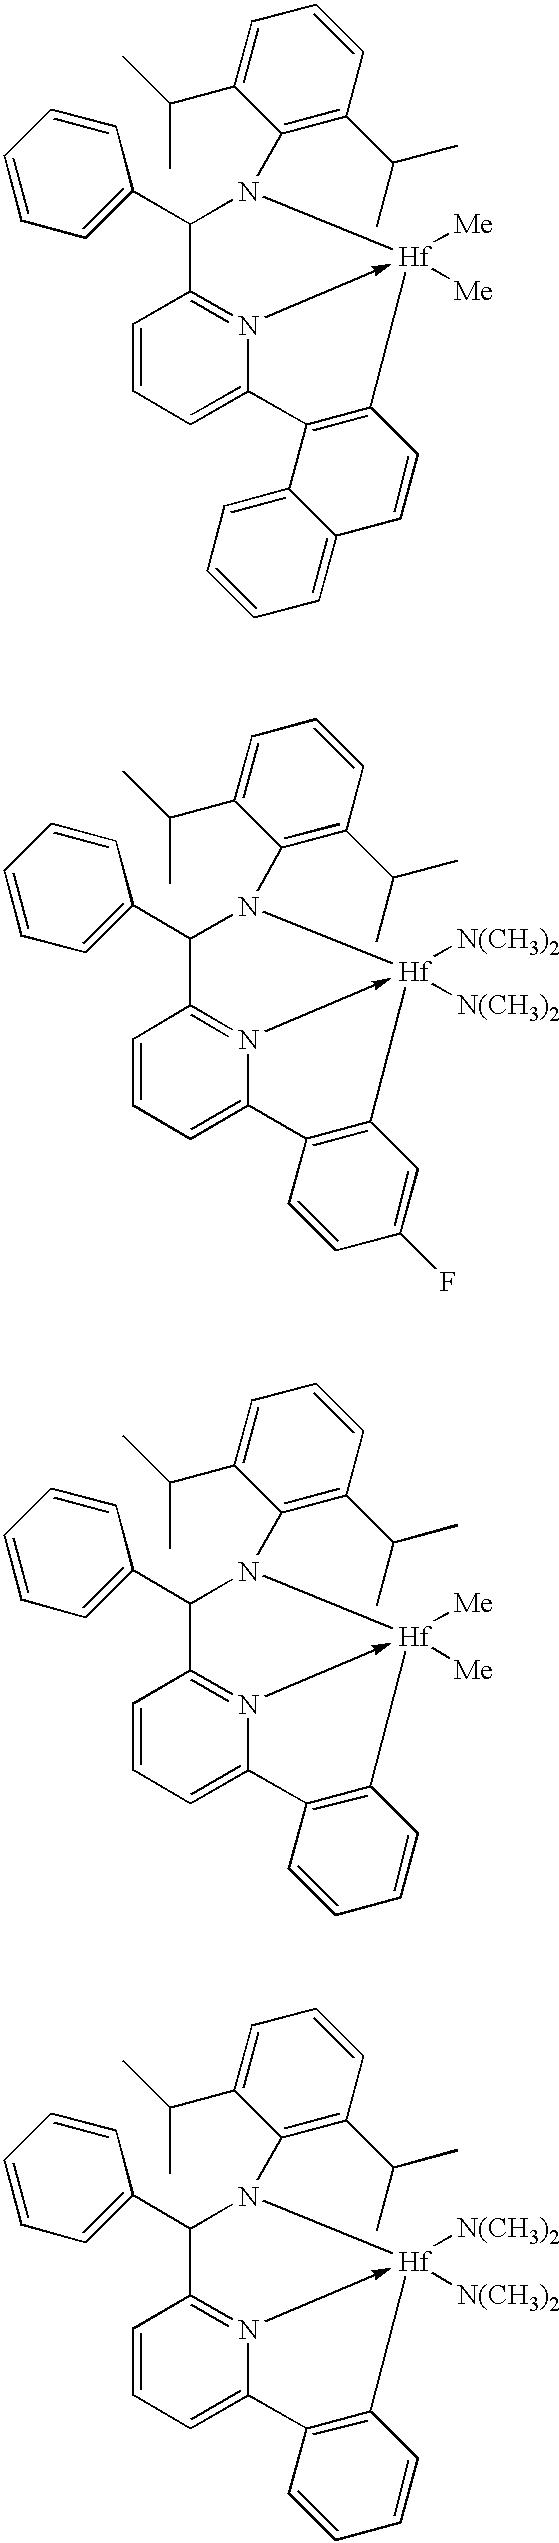 Figure US06906160-20050614-C00023